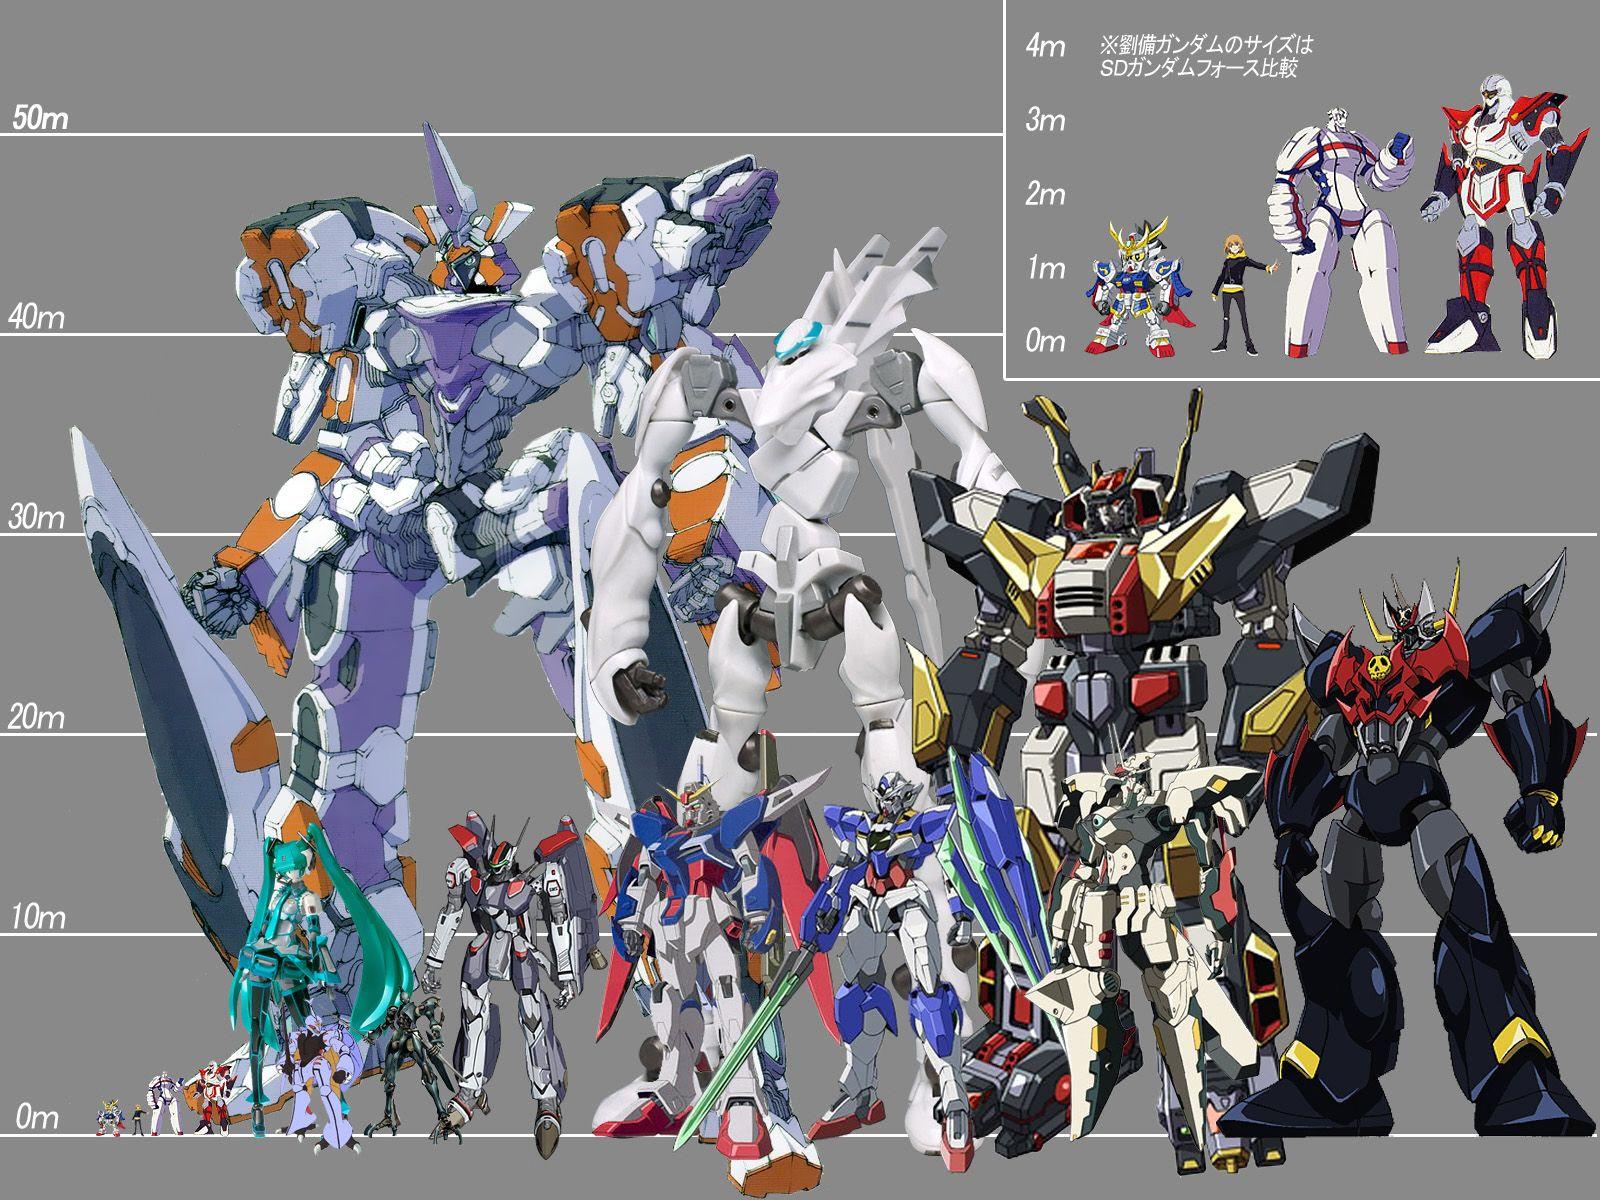 《슈퍼로봇대전 UX》참전 판권작 로봇 크기 비교